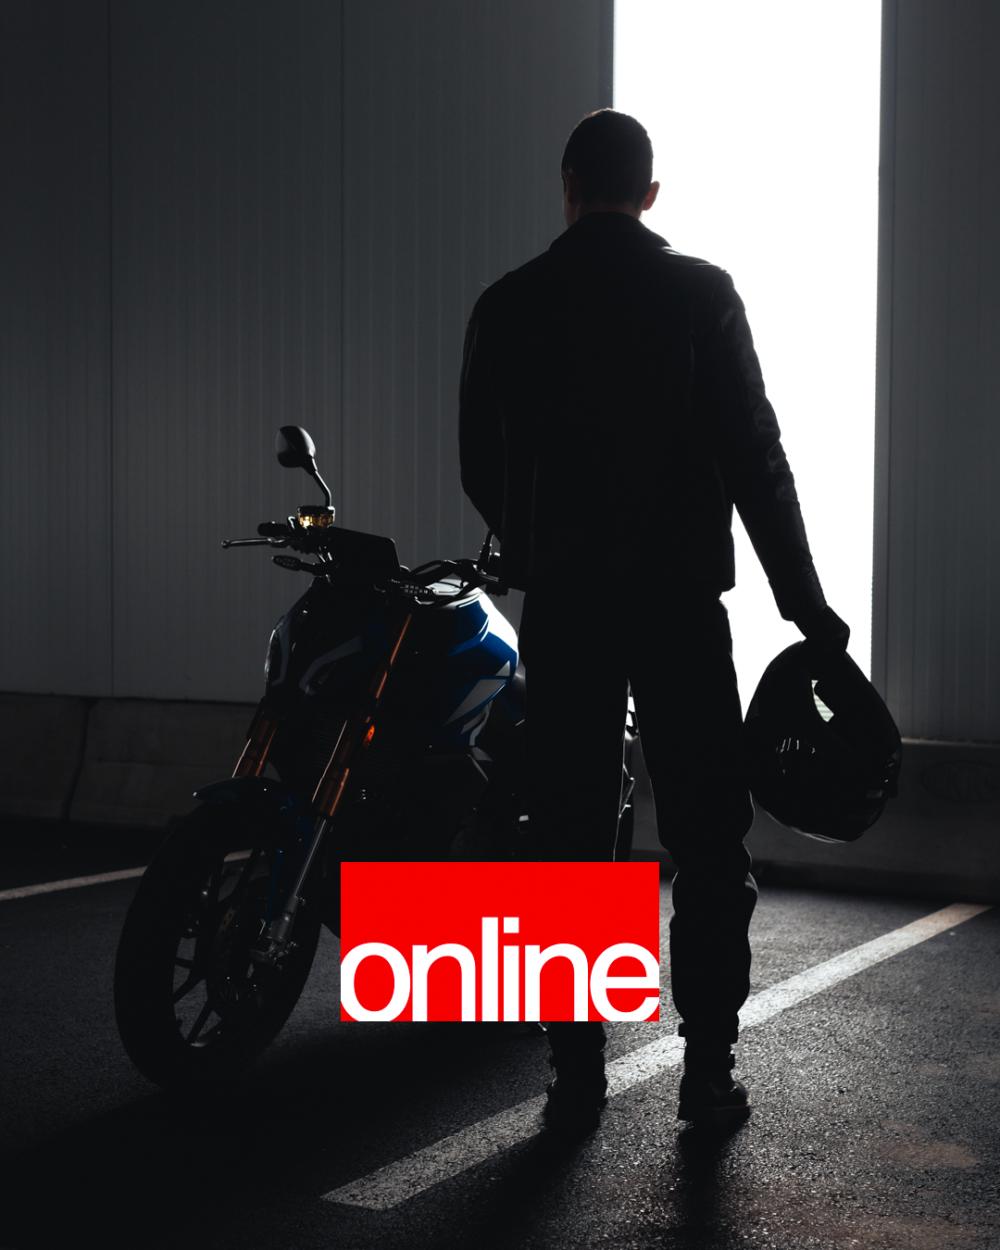 Online – Content